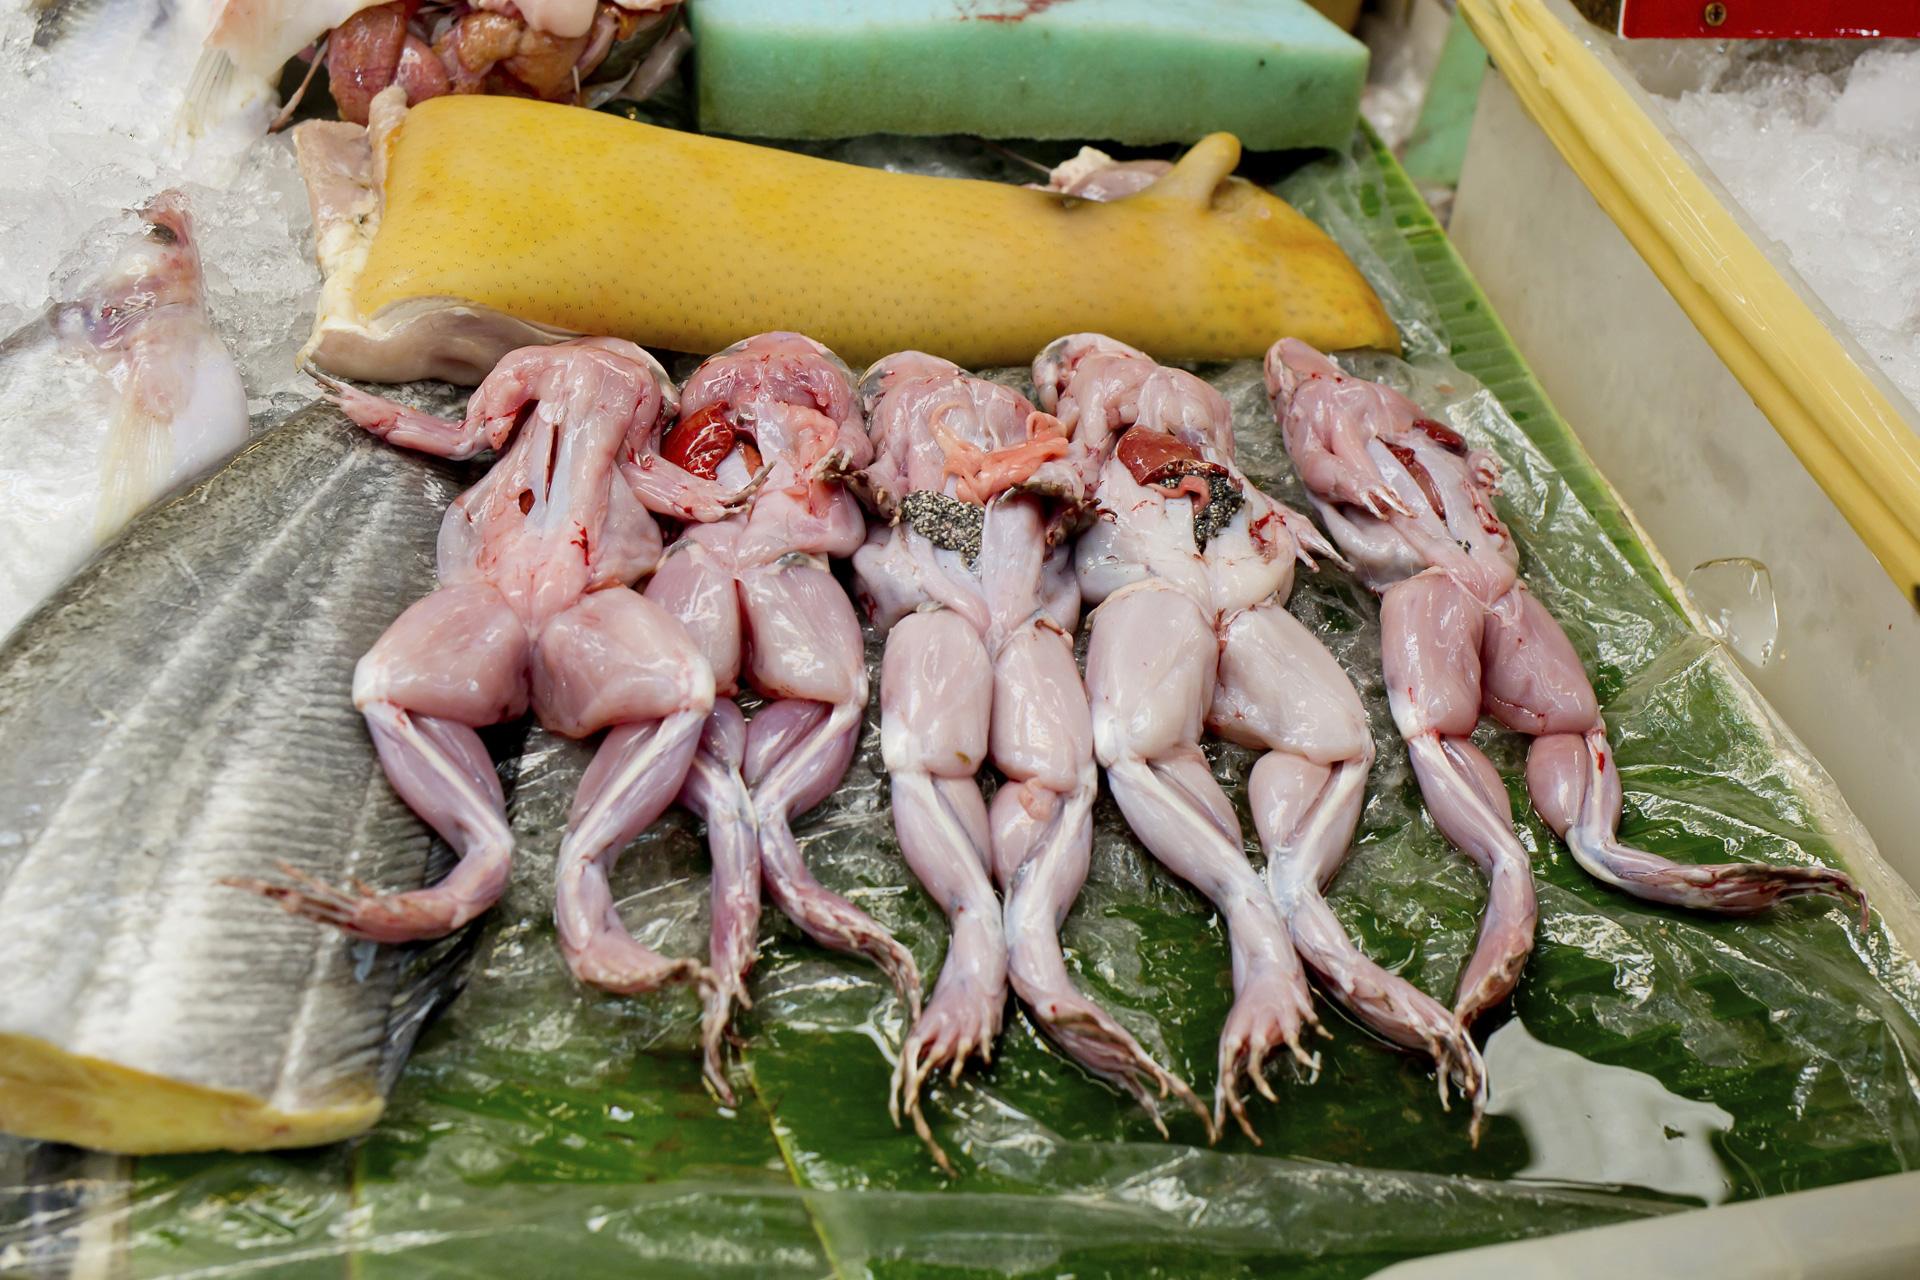 Frog sashimi and frog reproductive organ soup